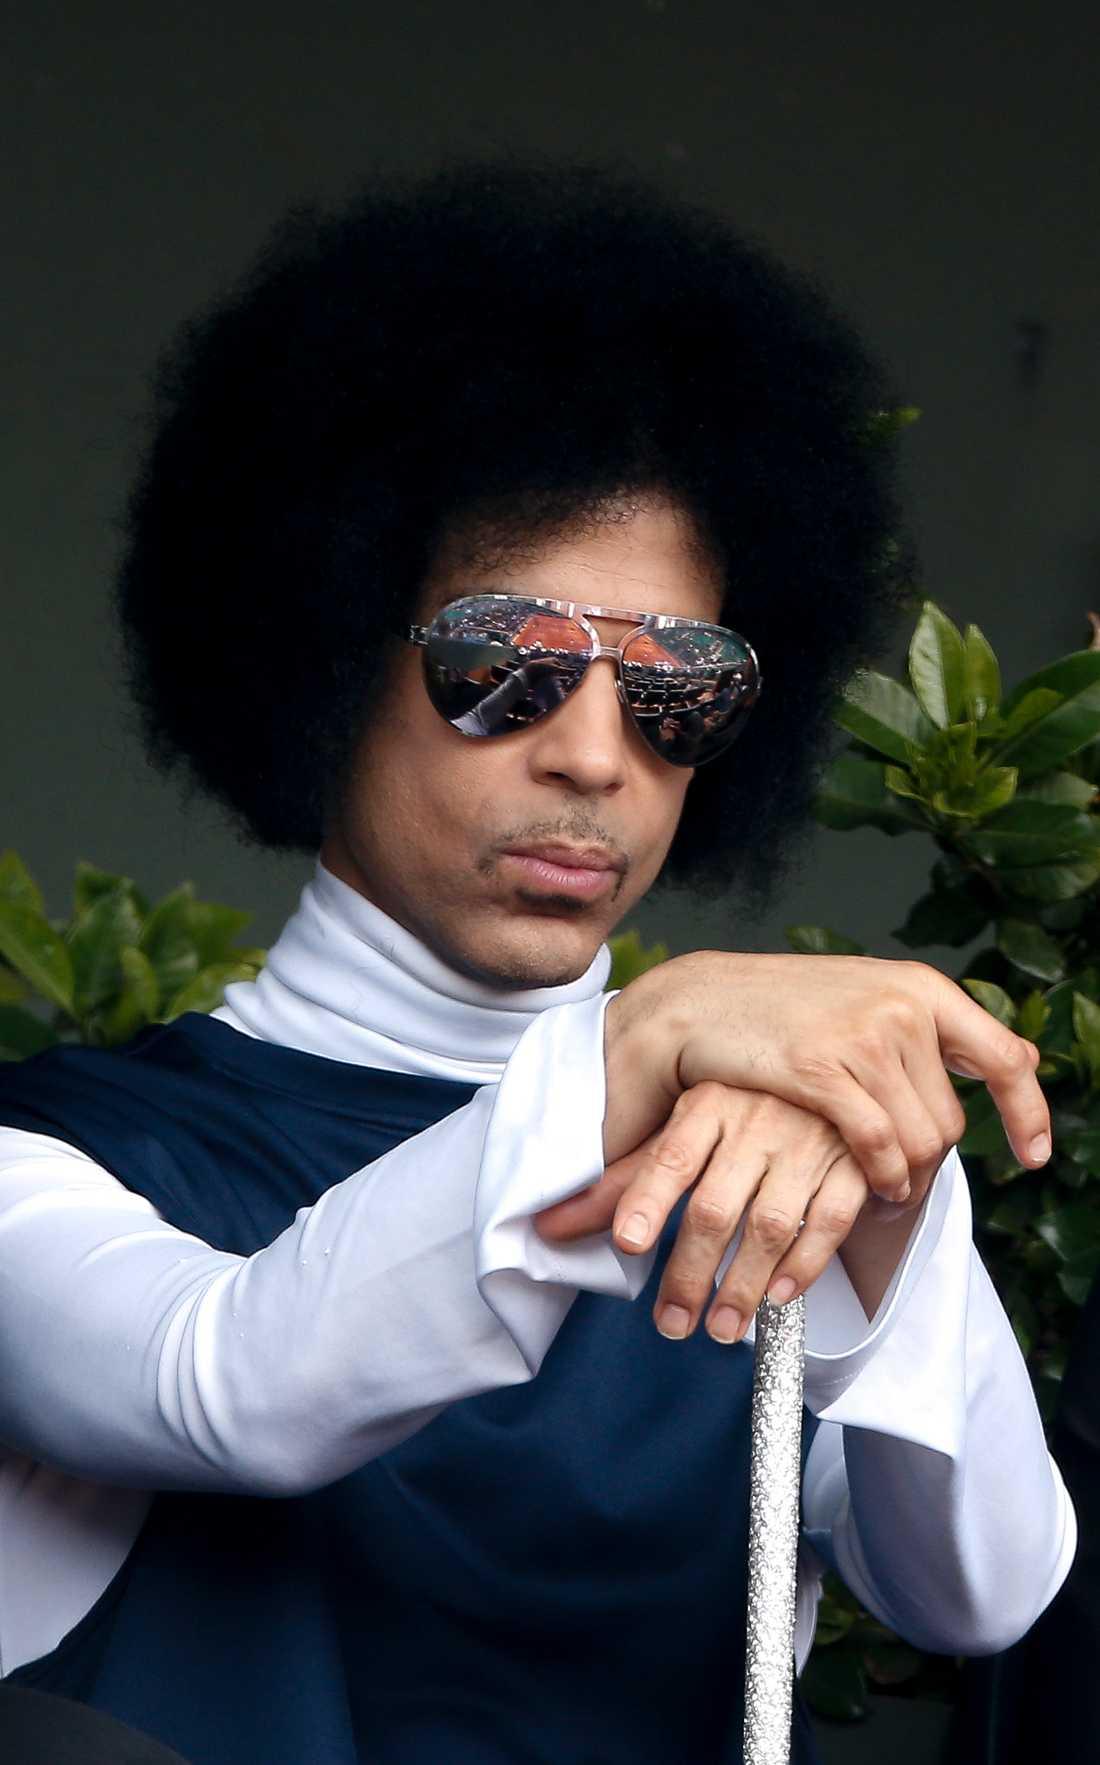 Prince kollar tennis på roland garros i Paris 2014